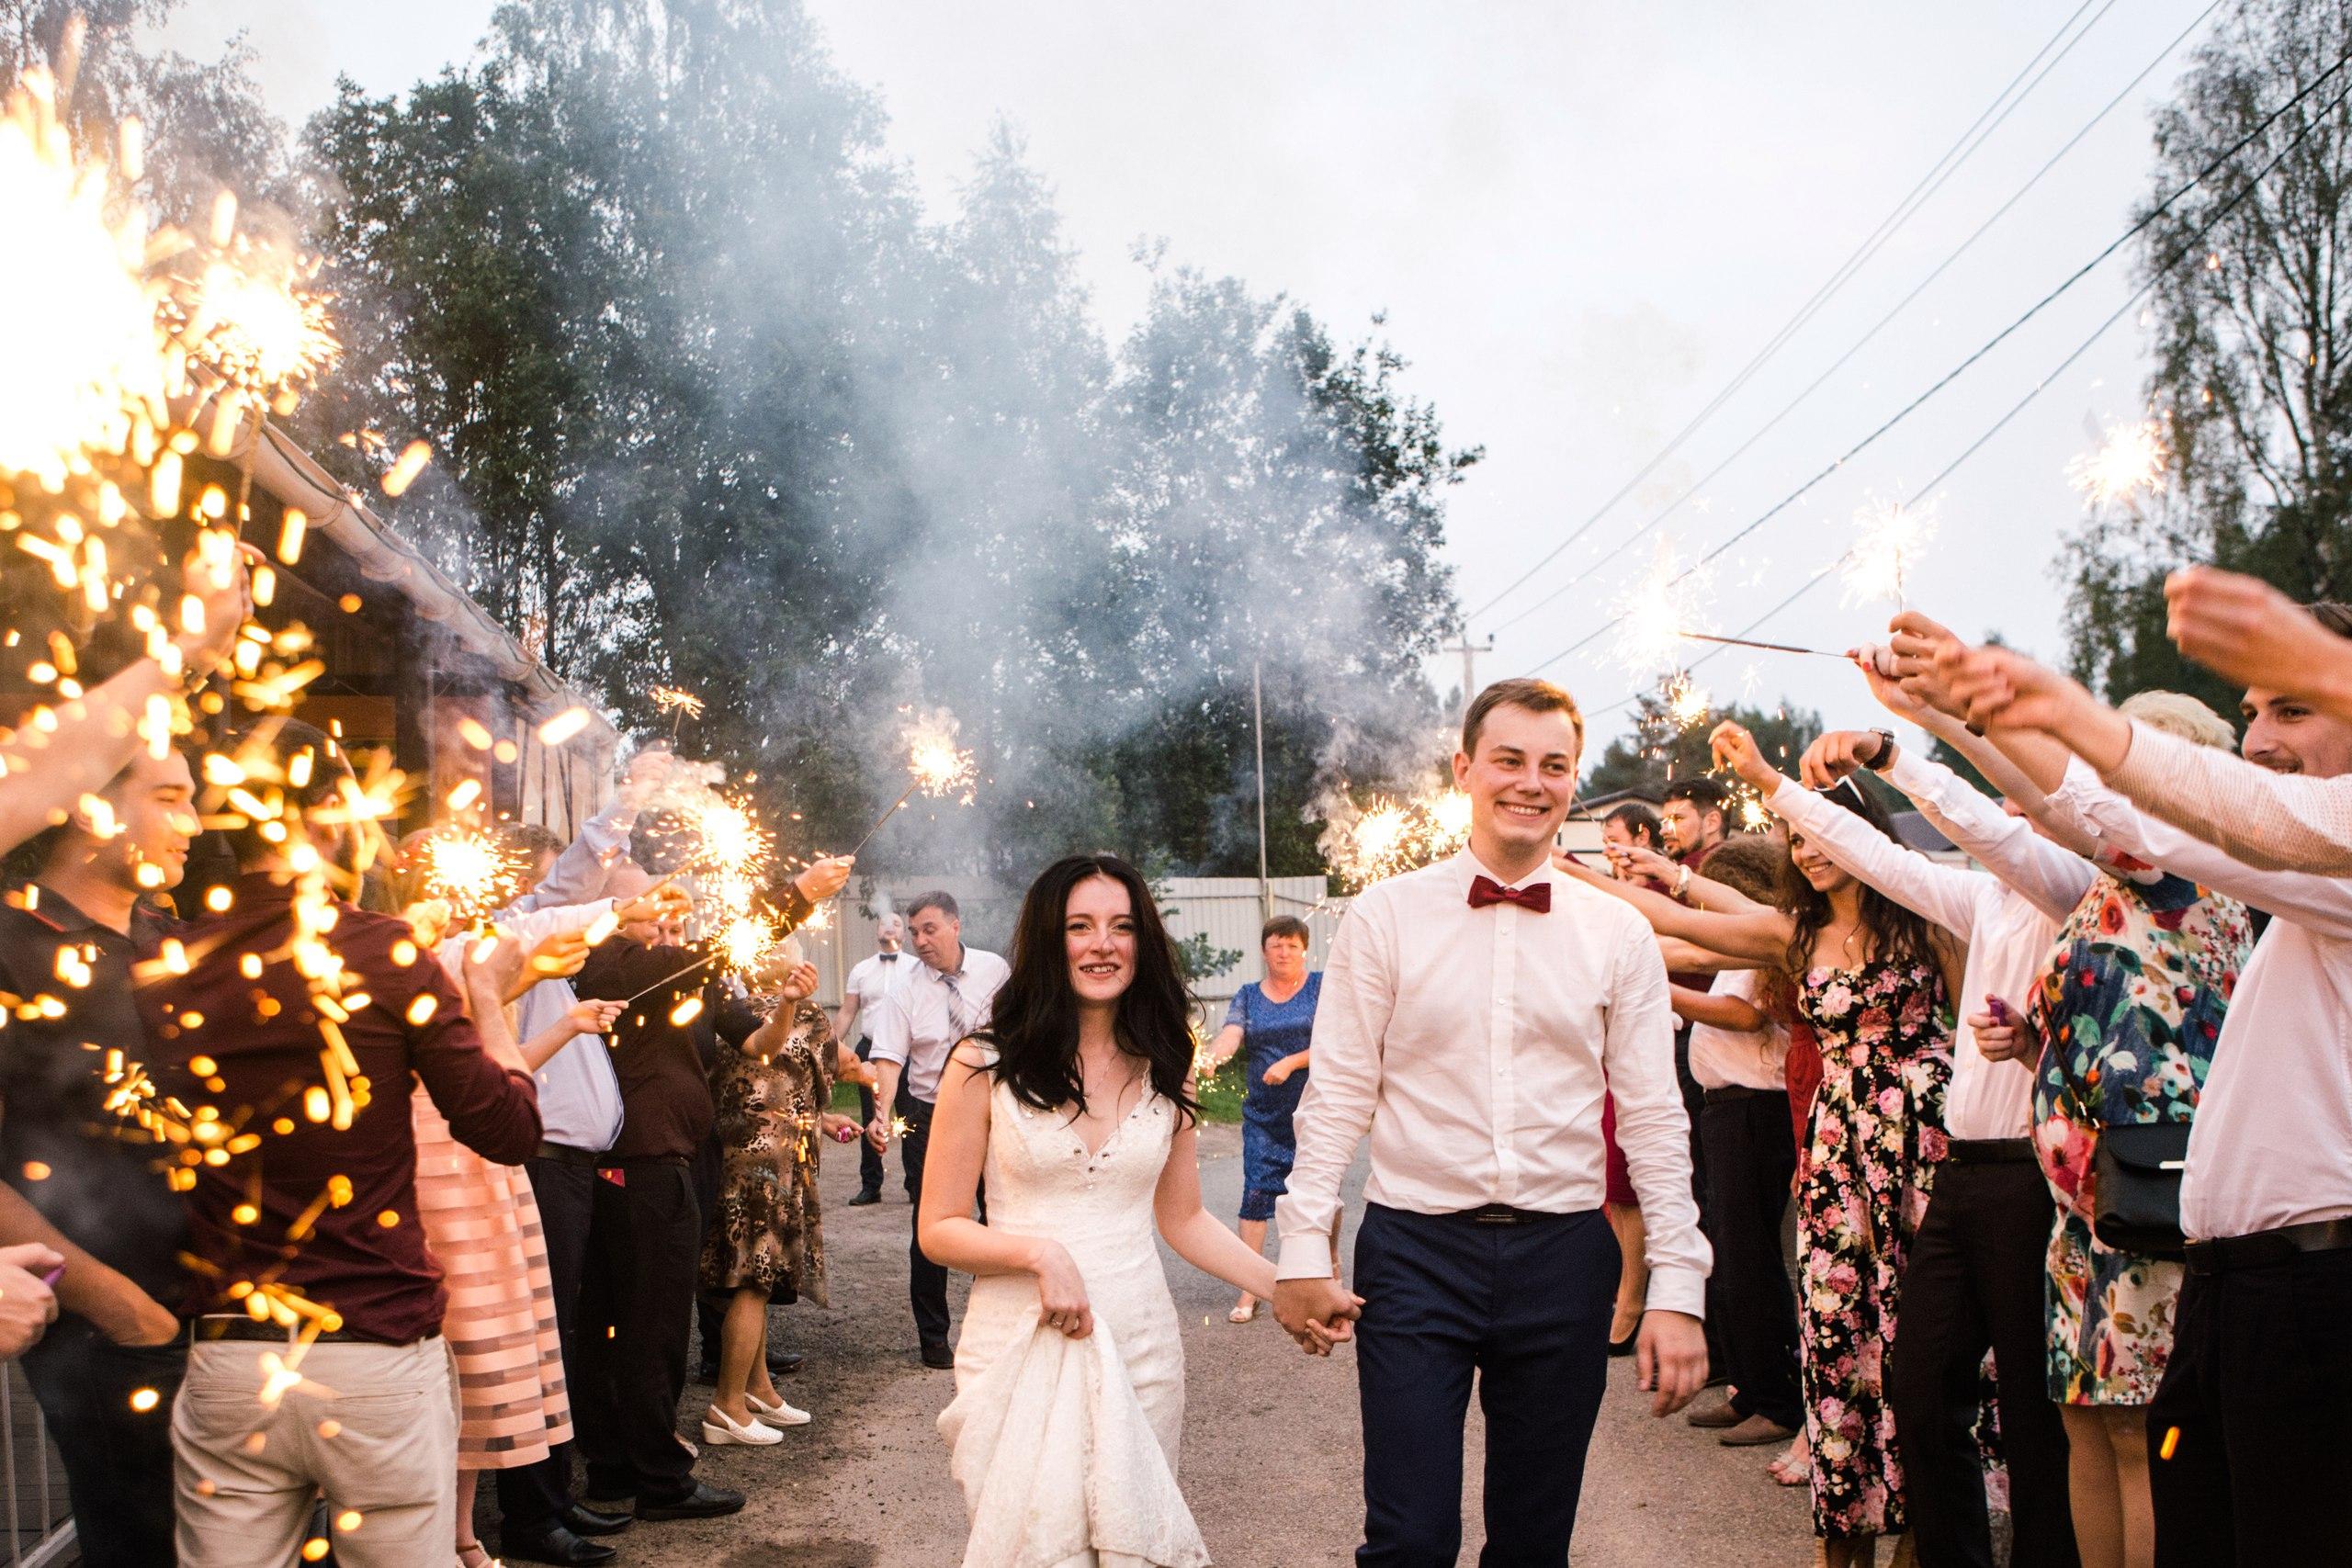 вместо воздушных шаров на свадьбе